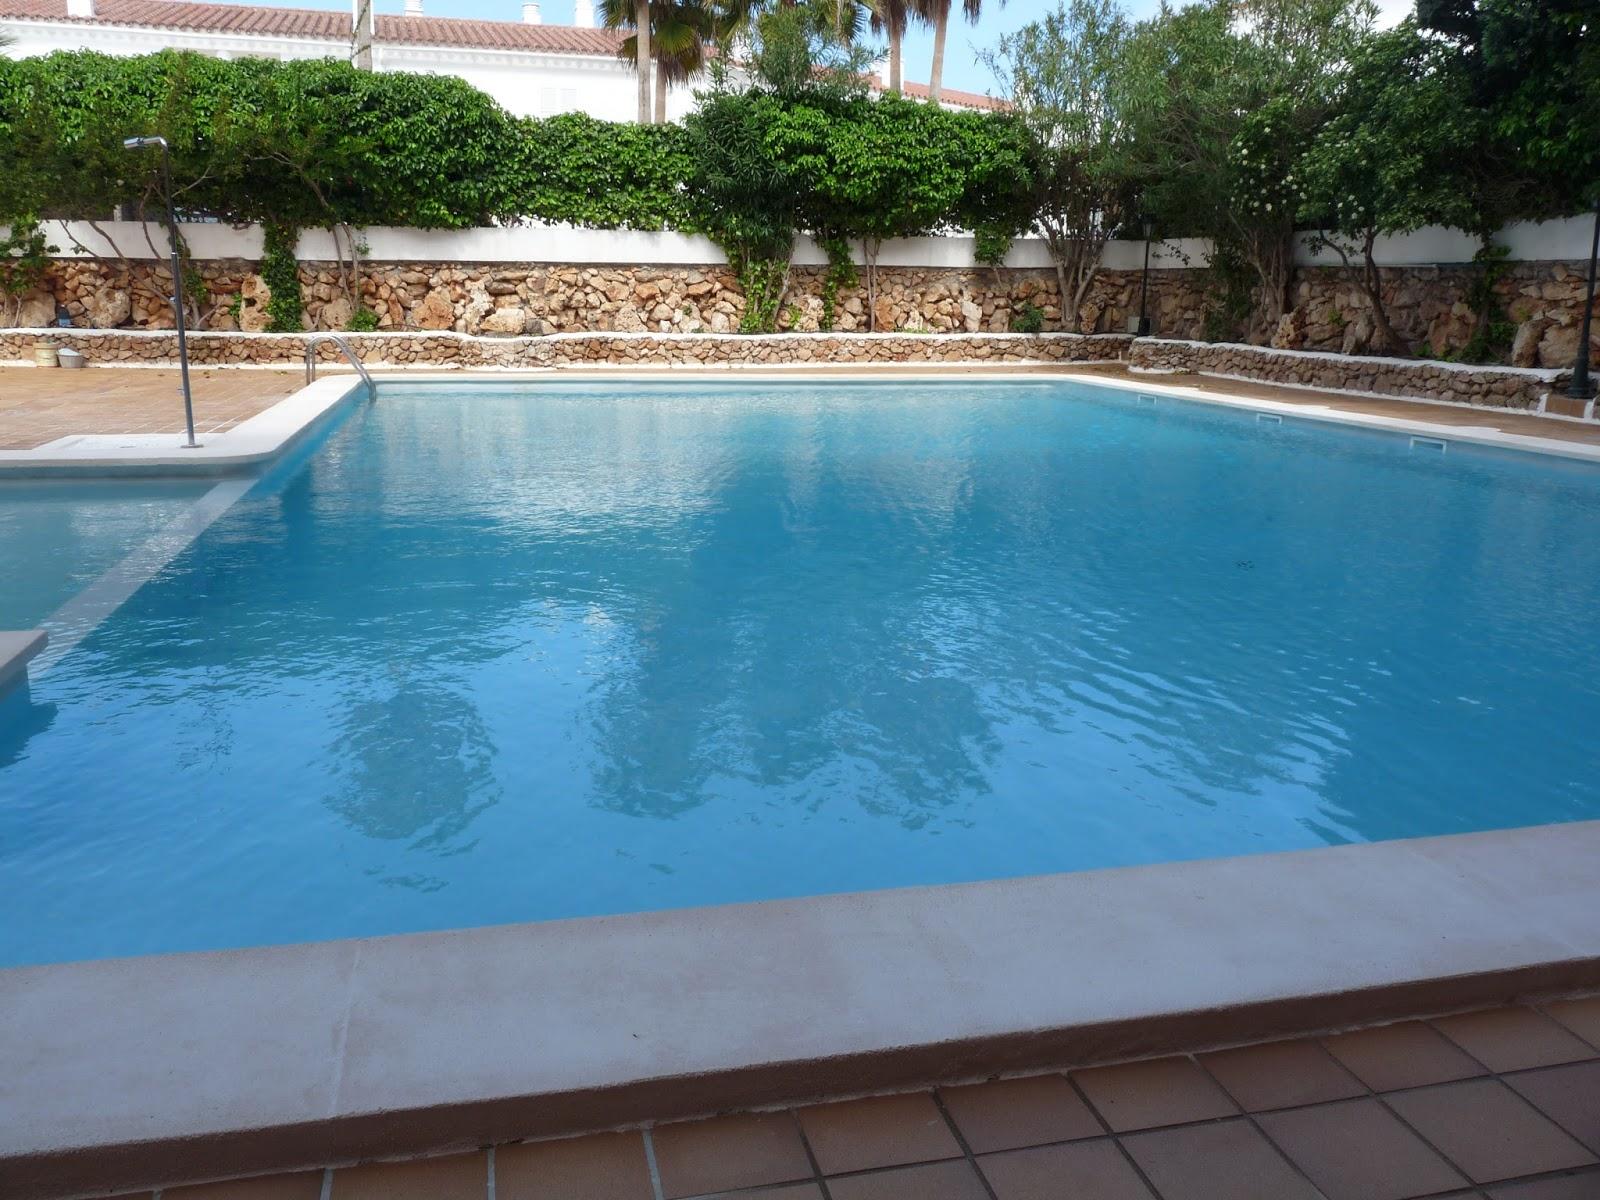 Reformas julio camarena revestimiento de piscina con for Piscinas desmontables ocasion